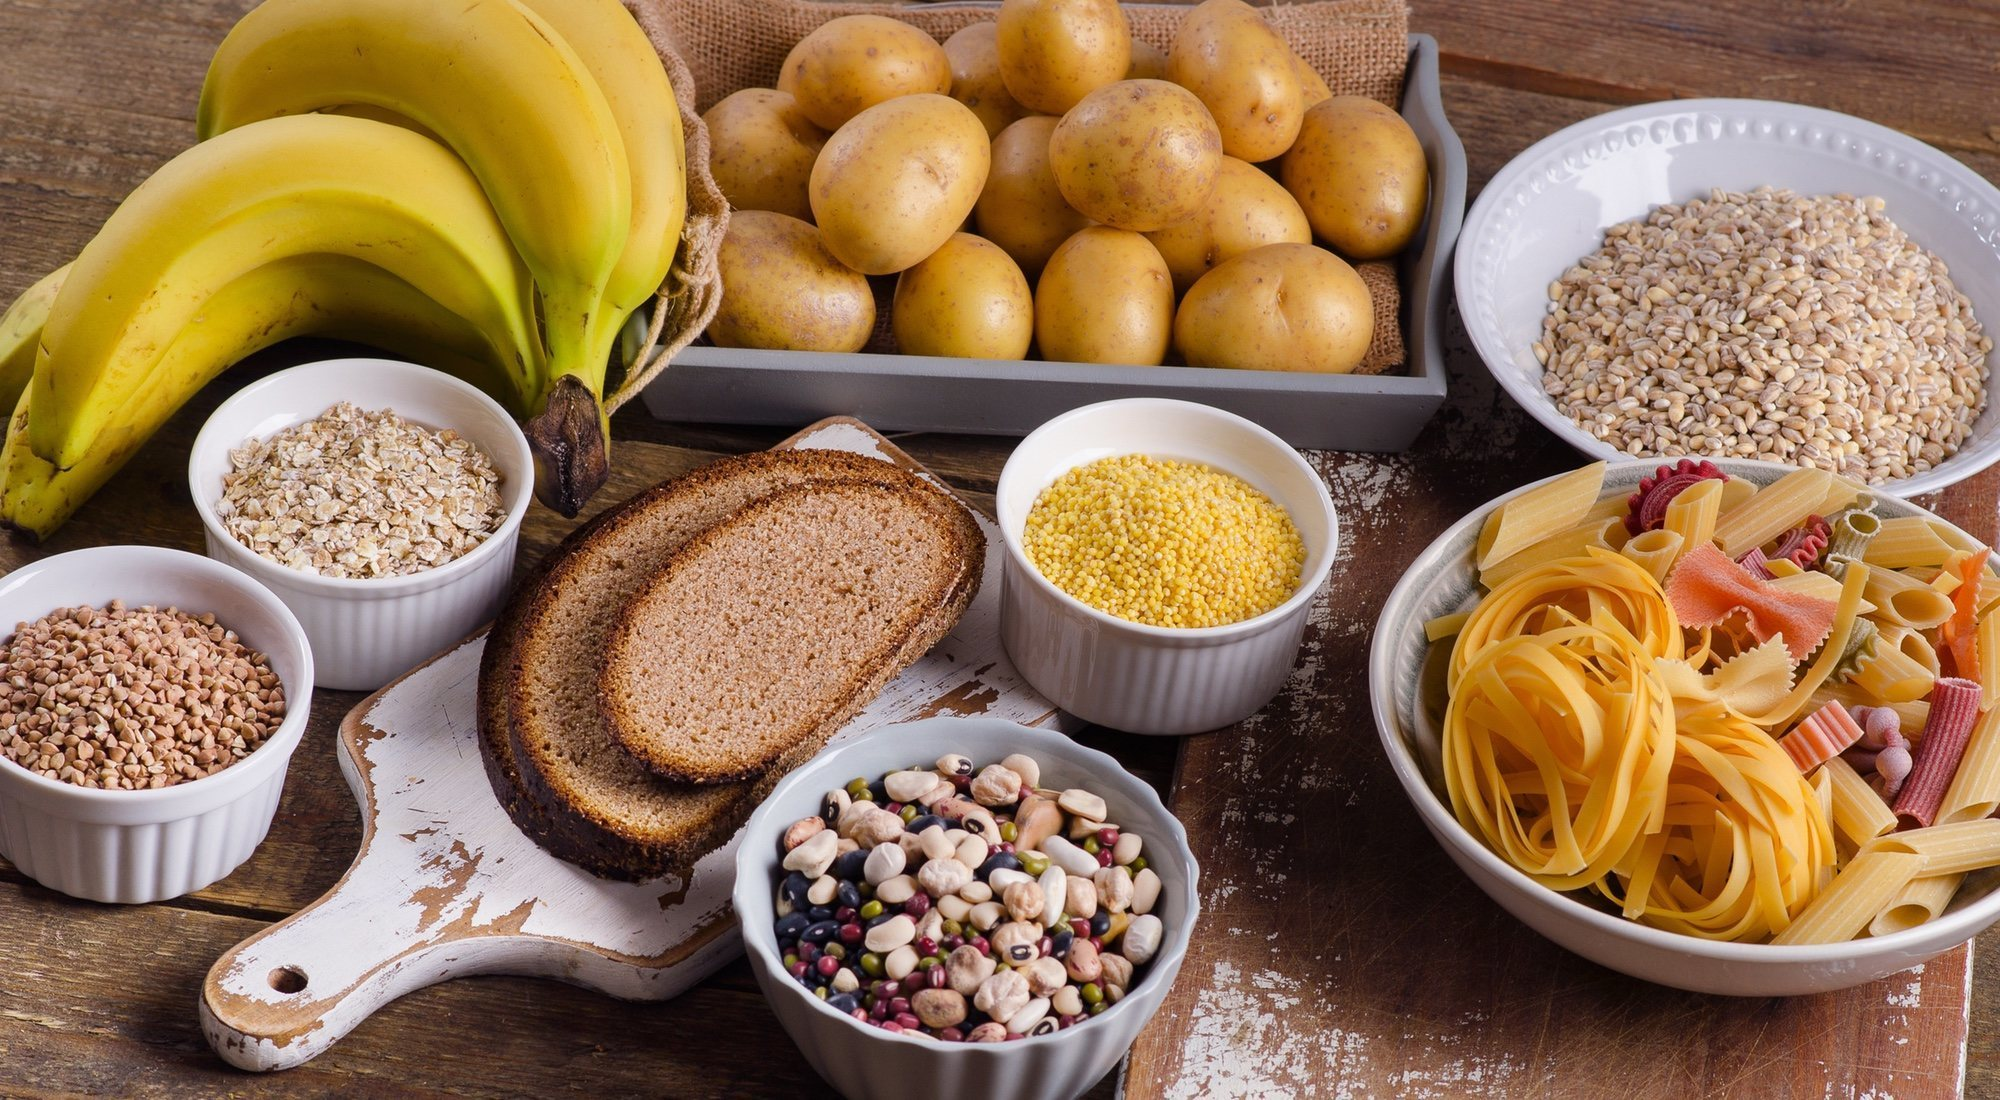 Dieta disociada: qué es, beneficios y efectos secundarios